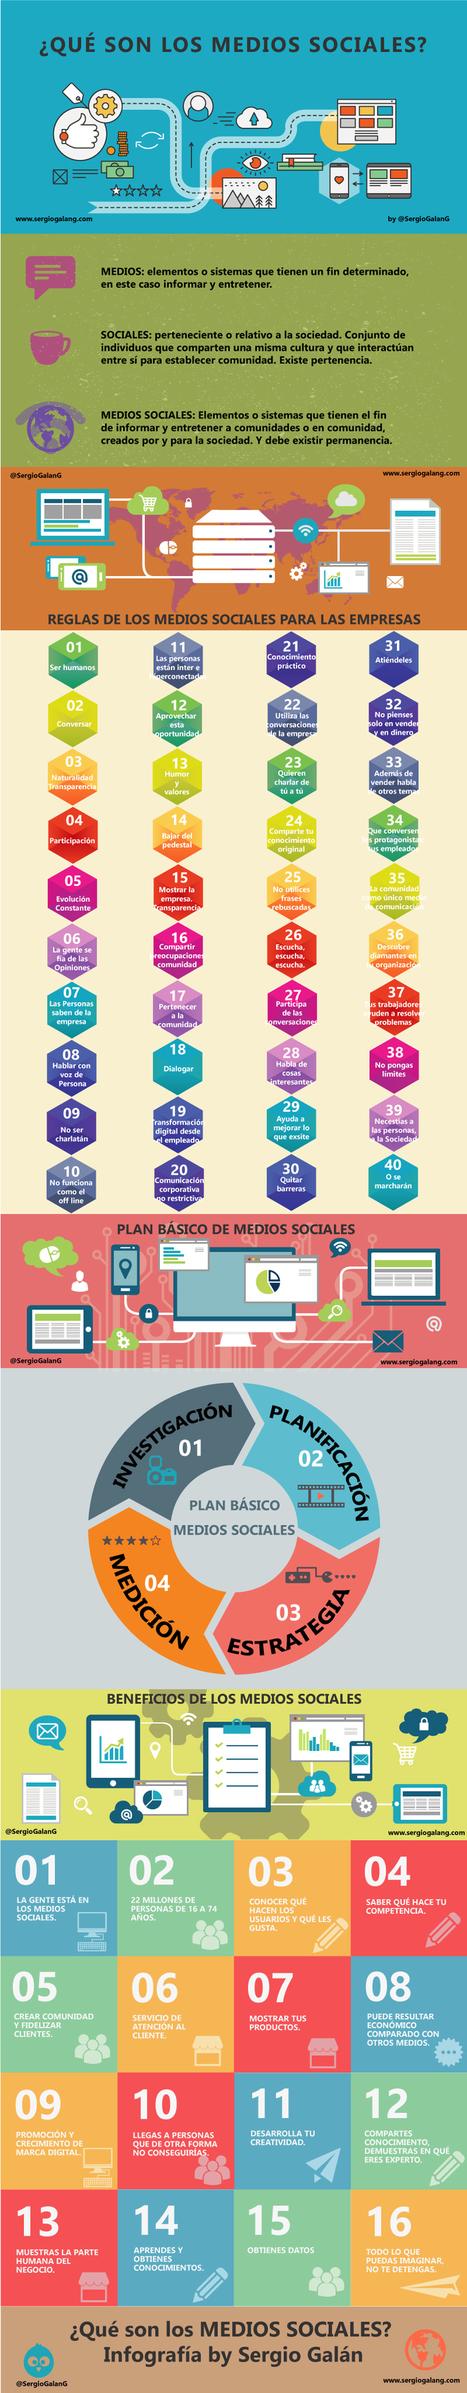 Qué son los Medios Sociales #infografia #infographic #socialmedia | MediosSociales | Scoop.it